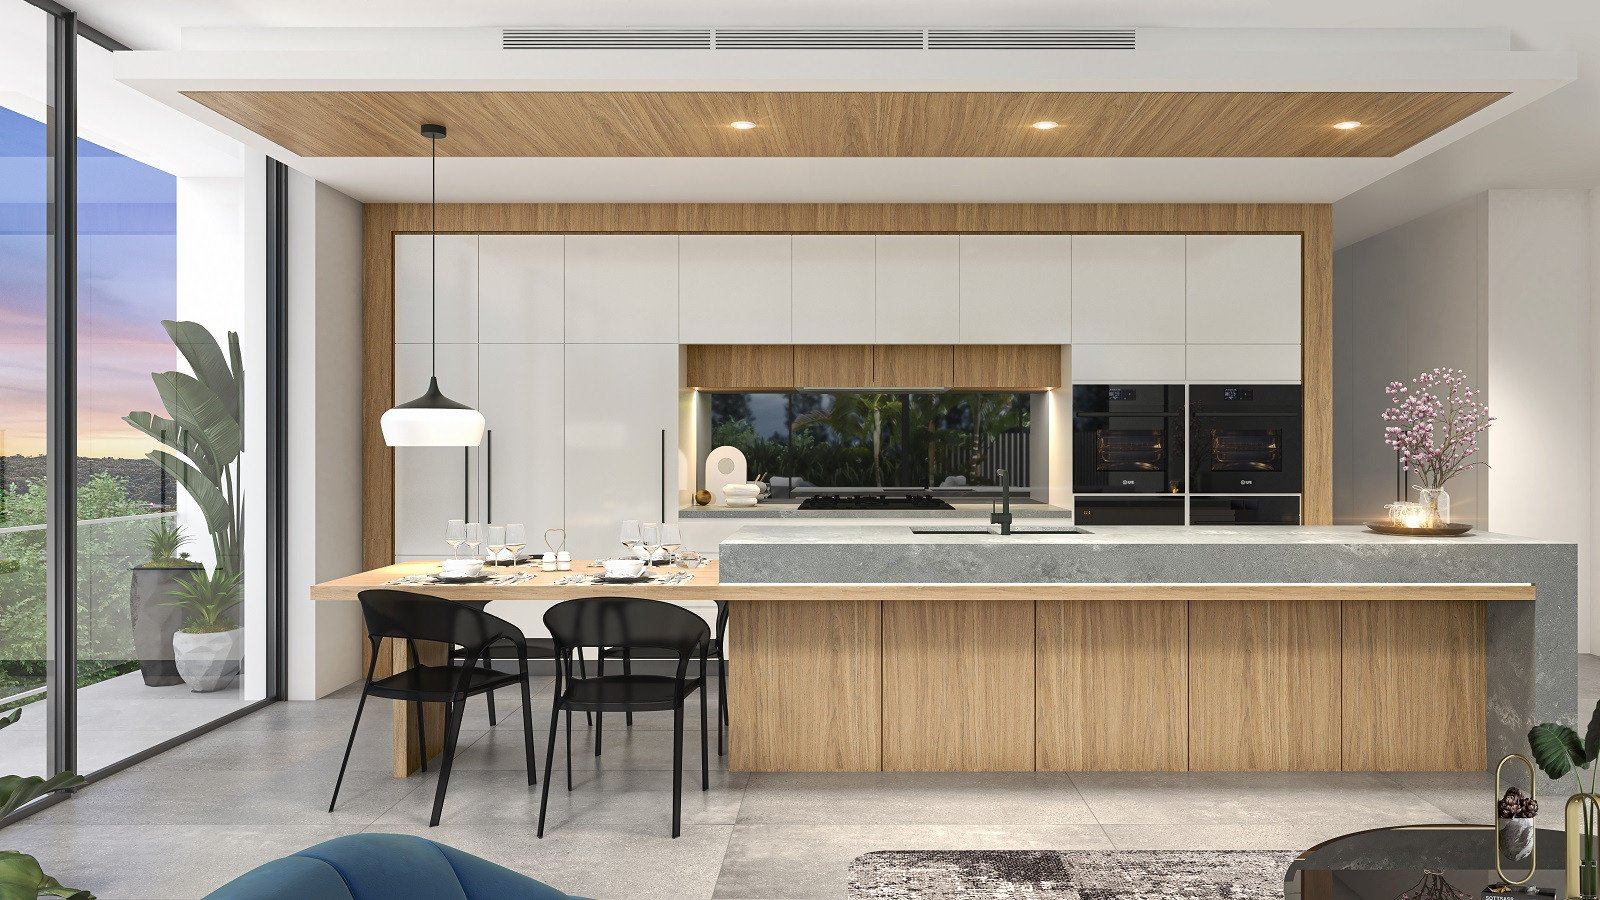 Azure Apartments-image-11